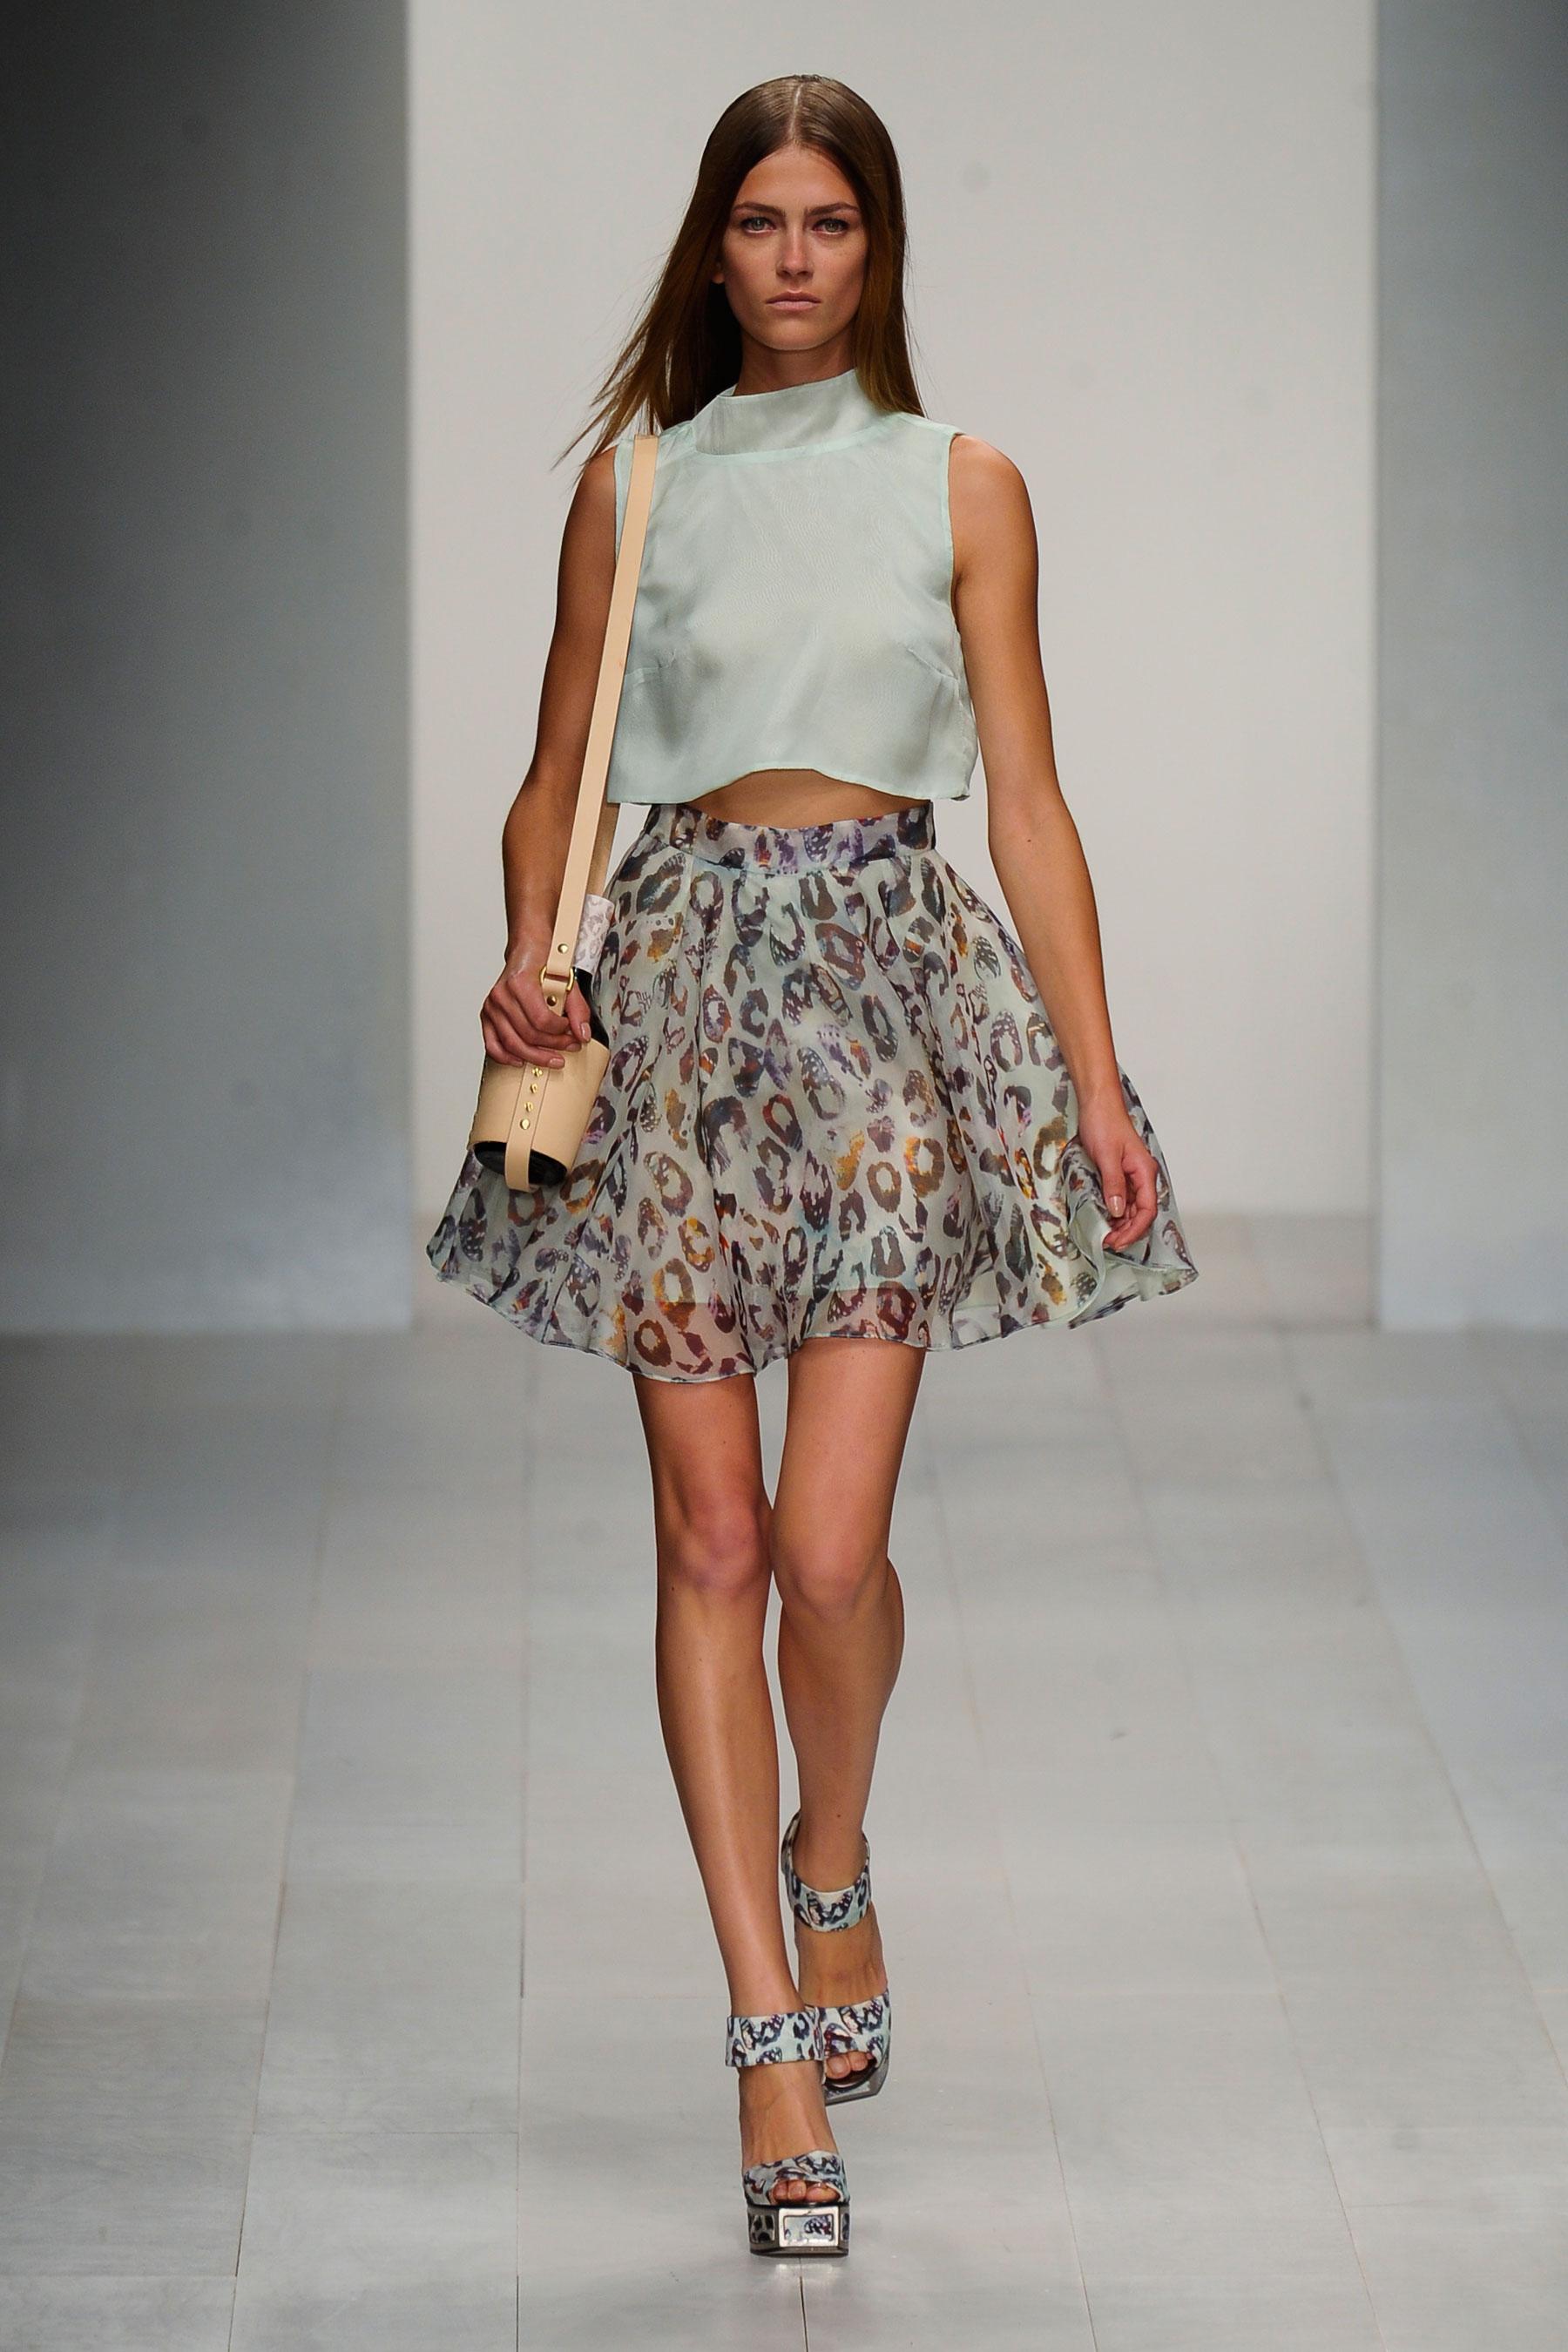 FELDER FELDER的2013春夏秀场出现了轻盈薄纱面料。加上零星点缀的碎花装饰,模特们宛若坠落到凡间的仙女。